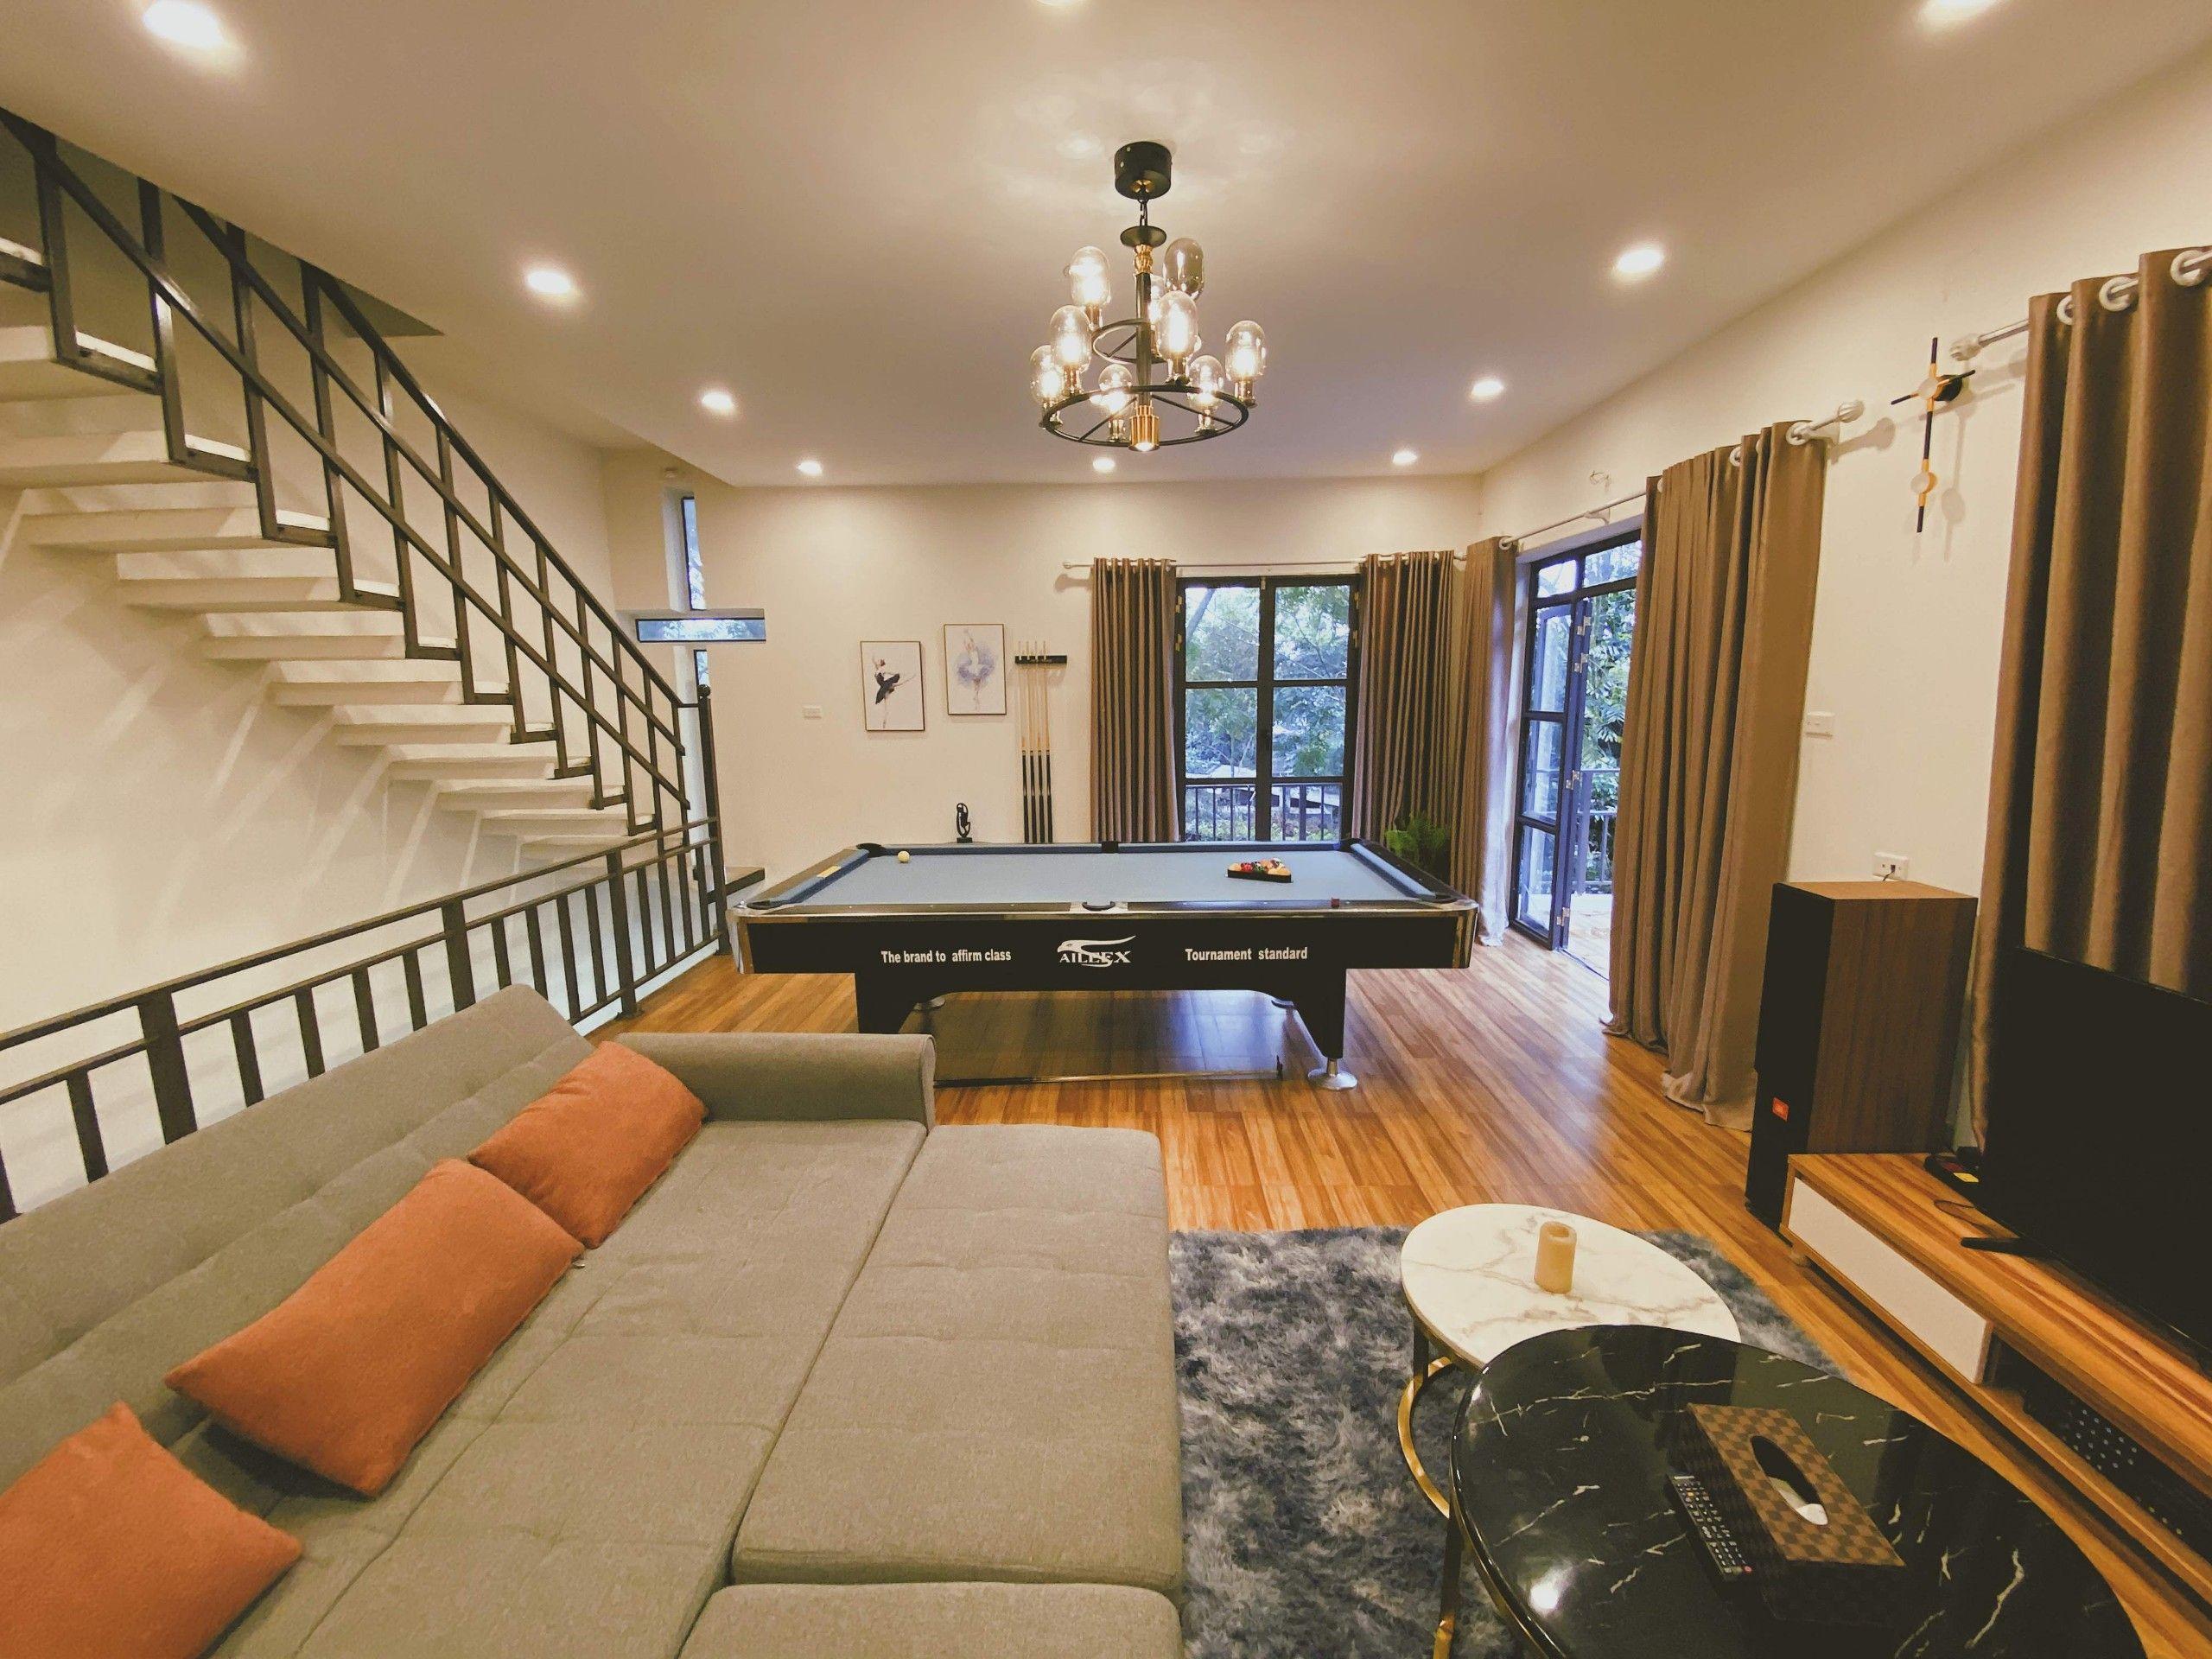 phong khach lv house villa by de vuz homestay hoa binh